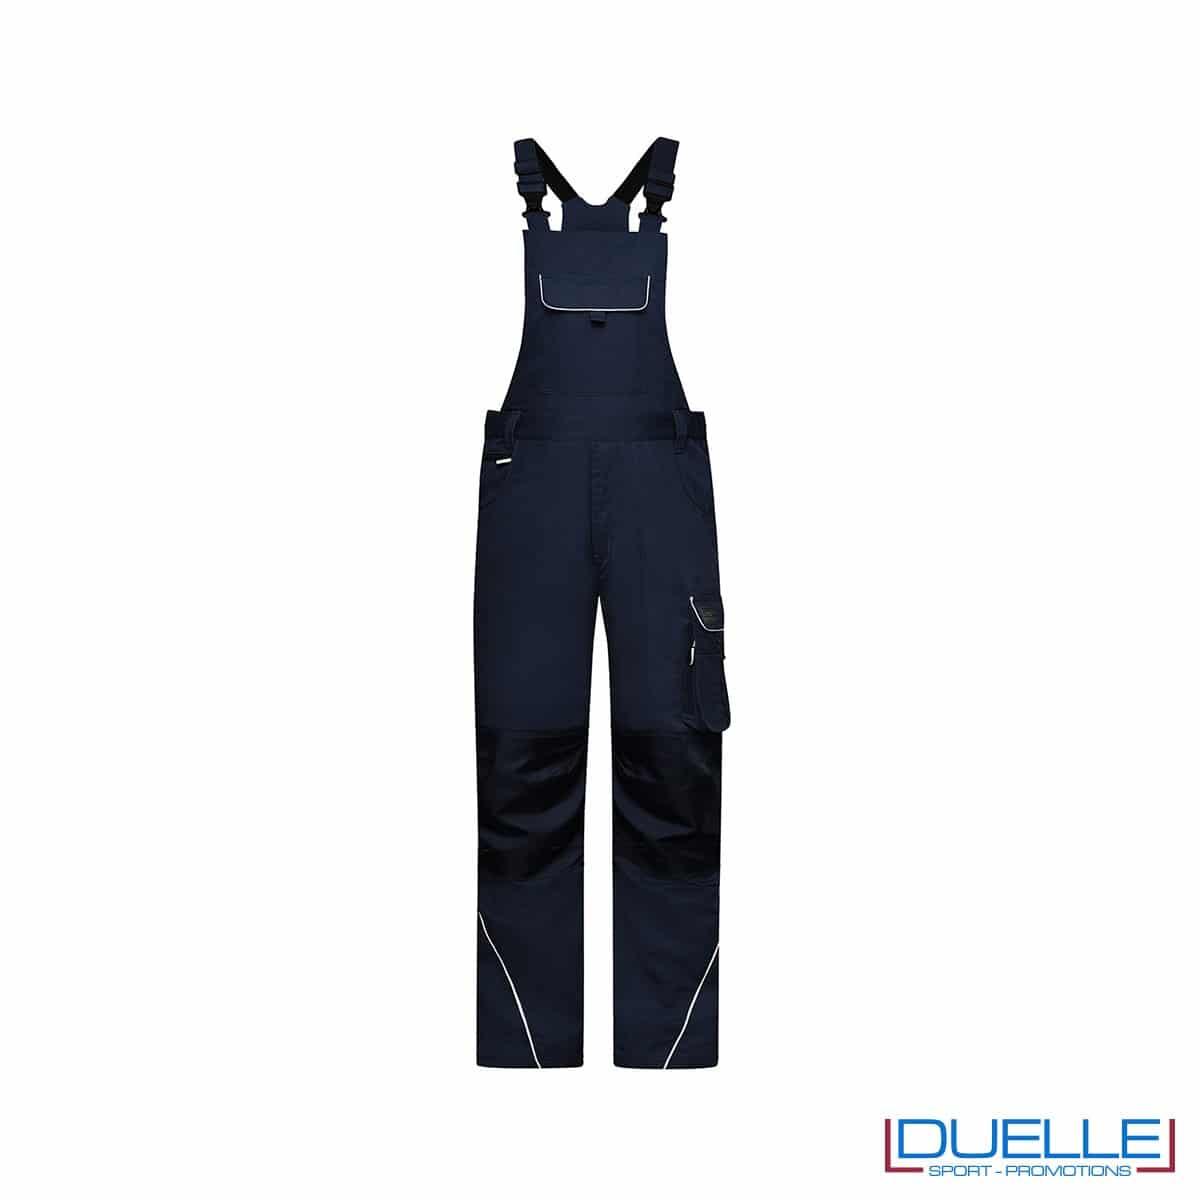 Pettorine da lavoro personalizzate colore blu navy